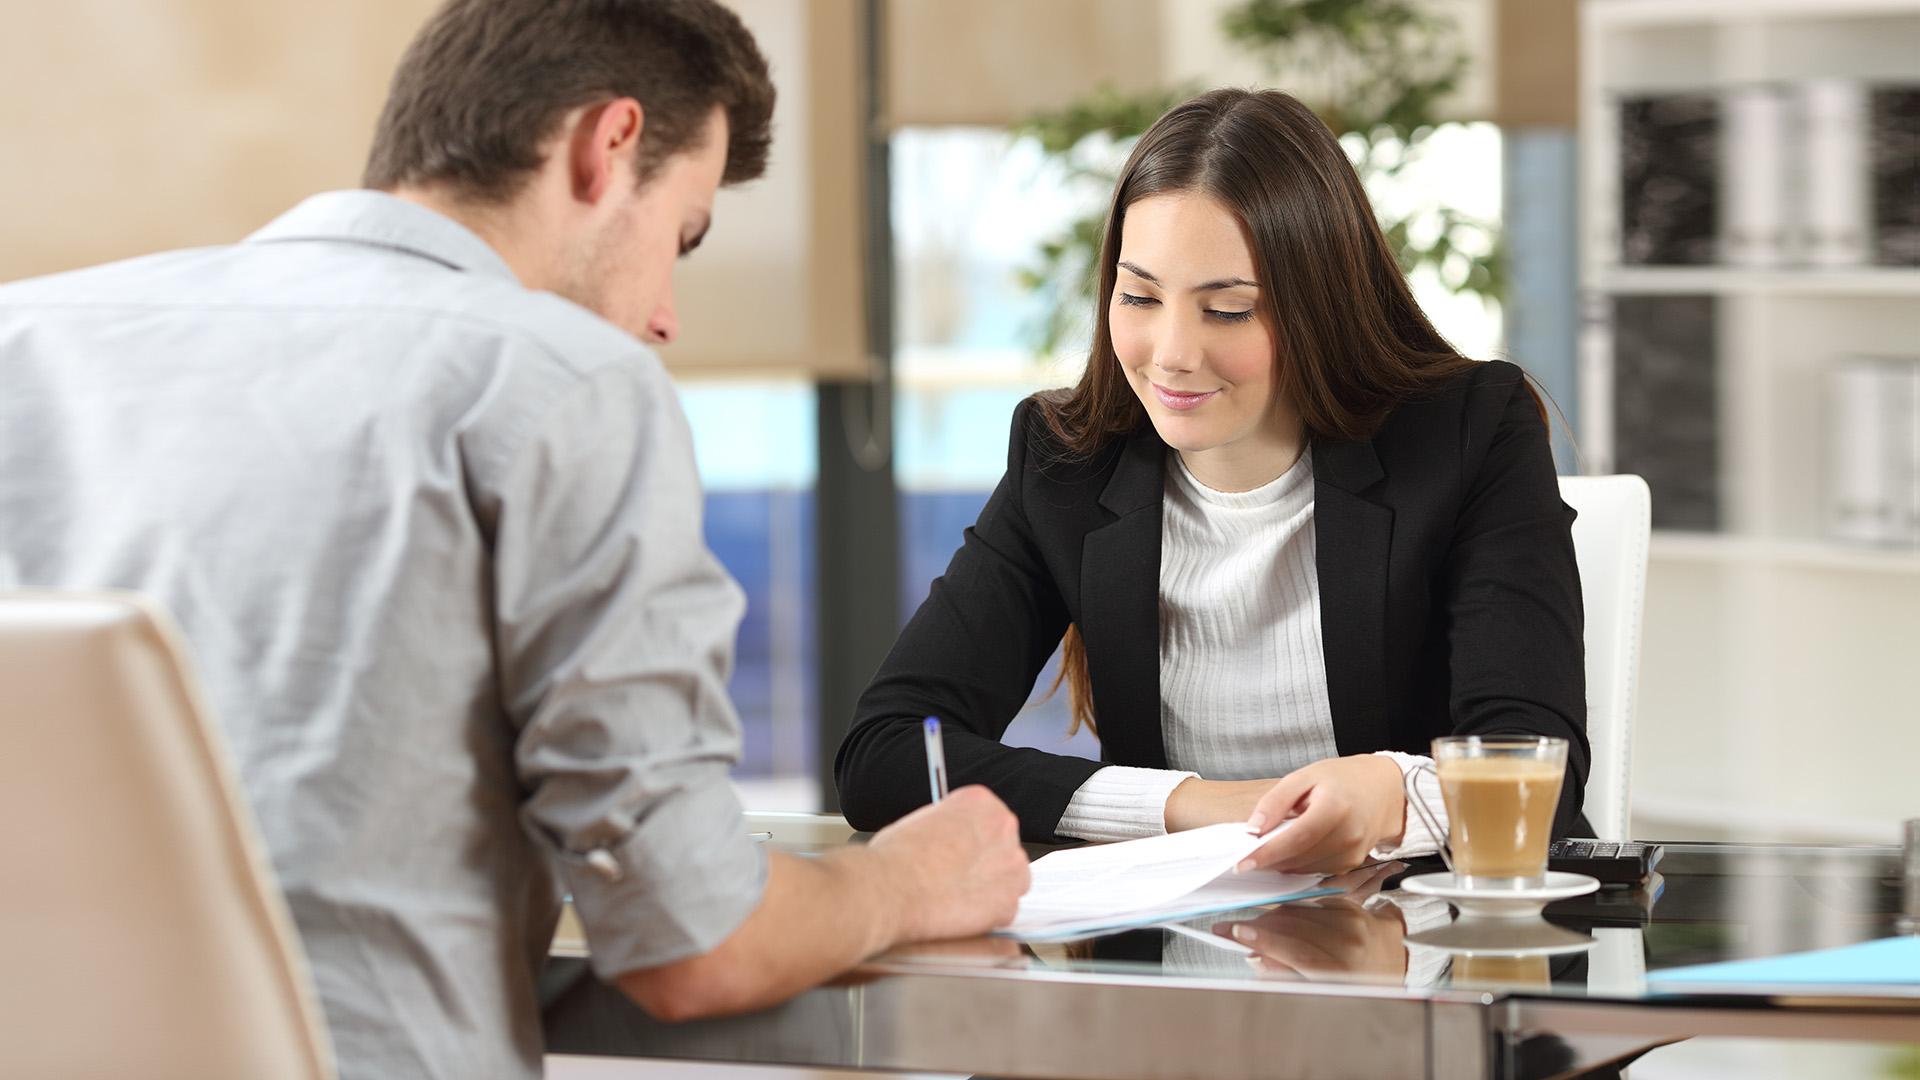 Darbinieka prasījums, tā sagatavošana darba devēja maksātnespējas gadījumā